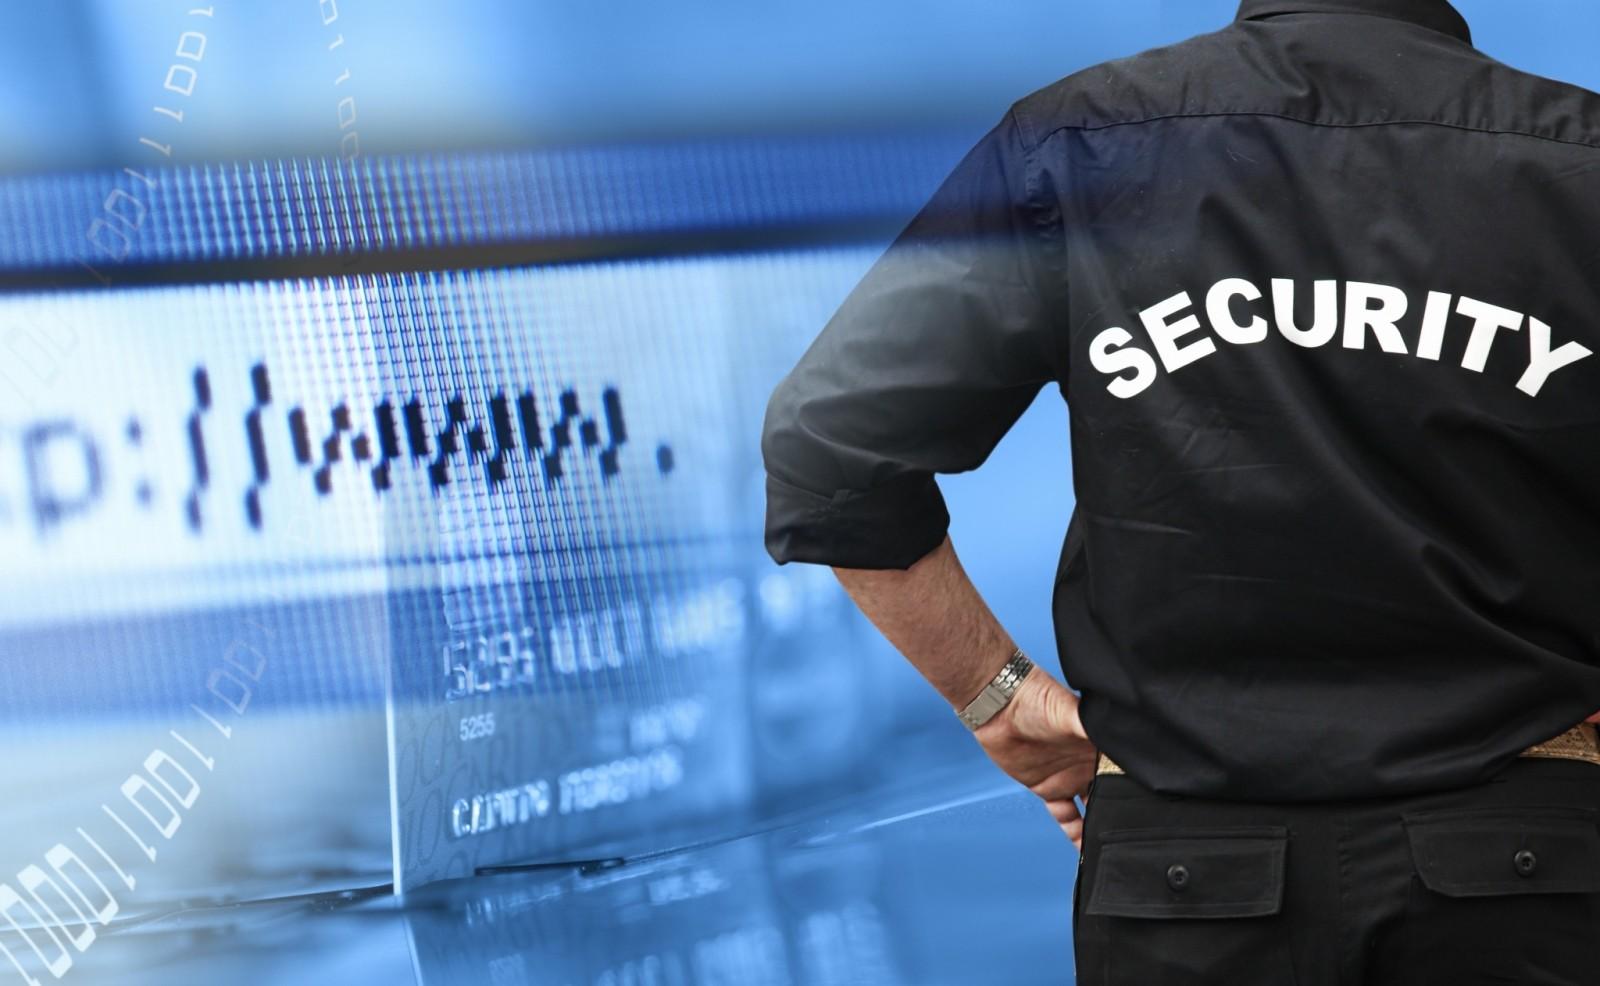 Кибербезопасность поручат бизнесу